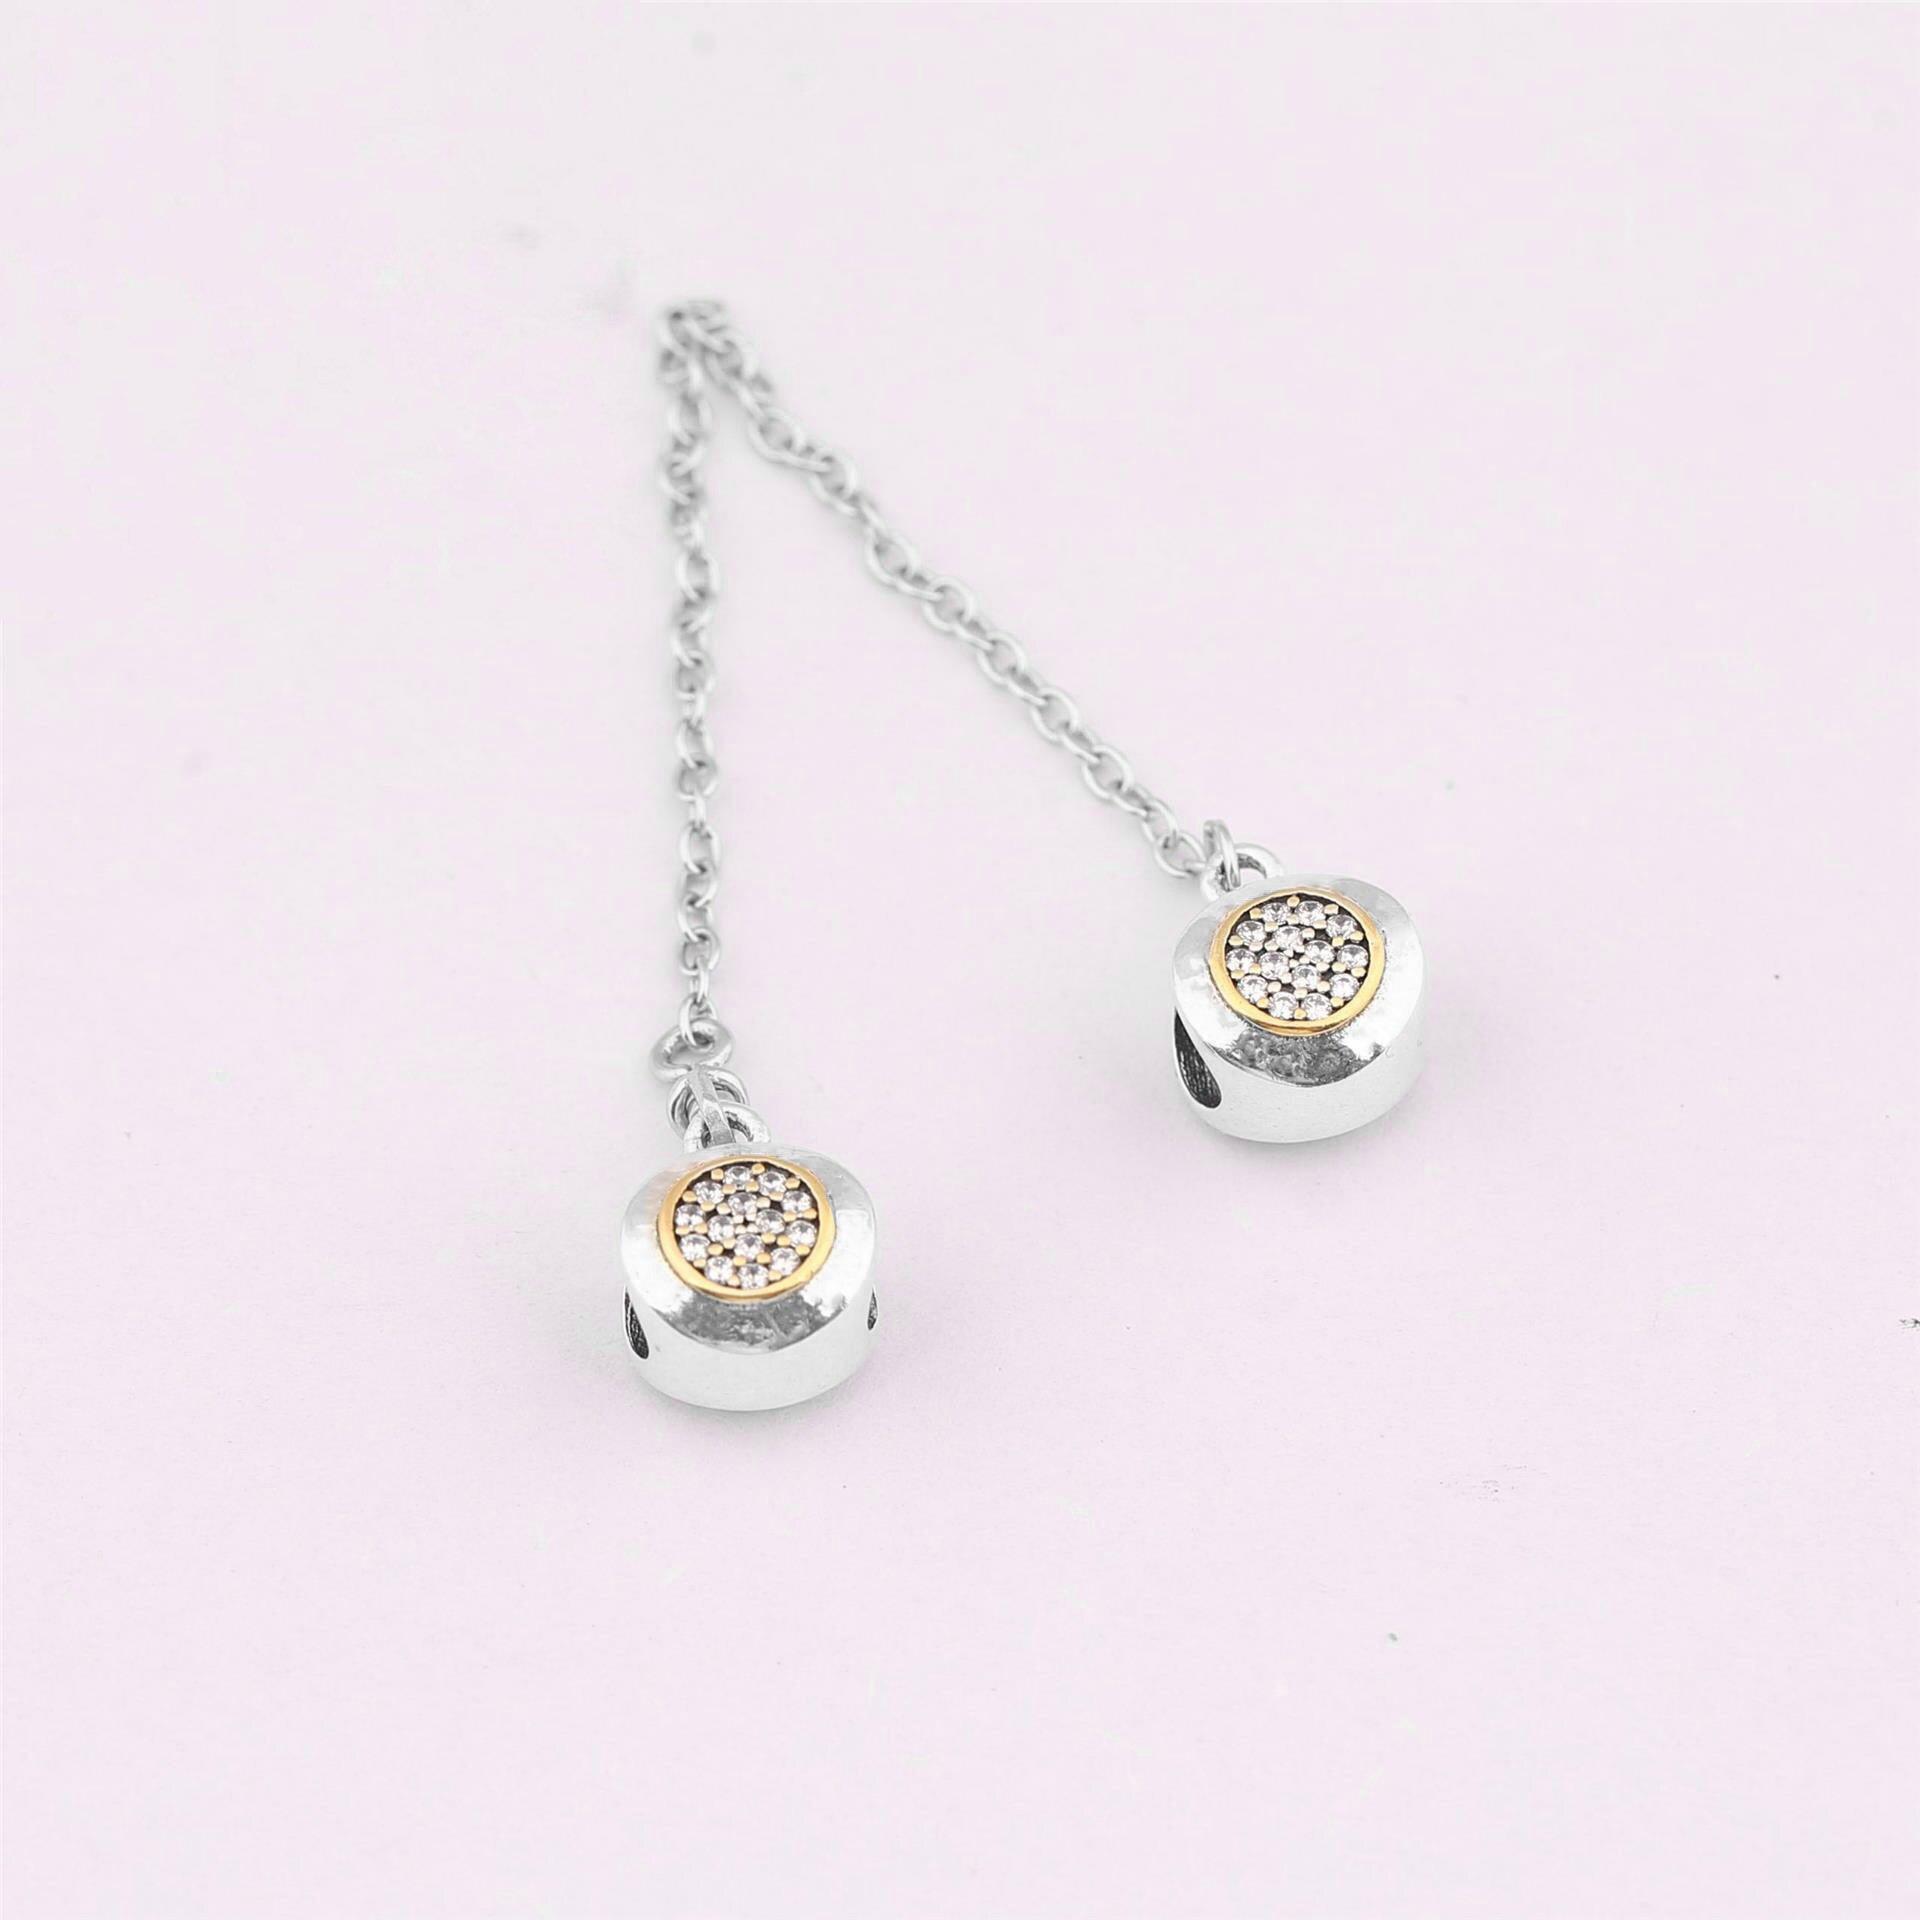 925 breloques en argent Sterling perle bricolage or chaîne de sécurité ronde en cristal pour Original Pandora 925 Bracelets en argent Sterling Bracelets